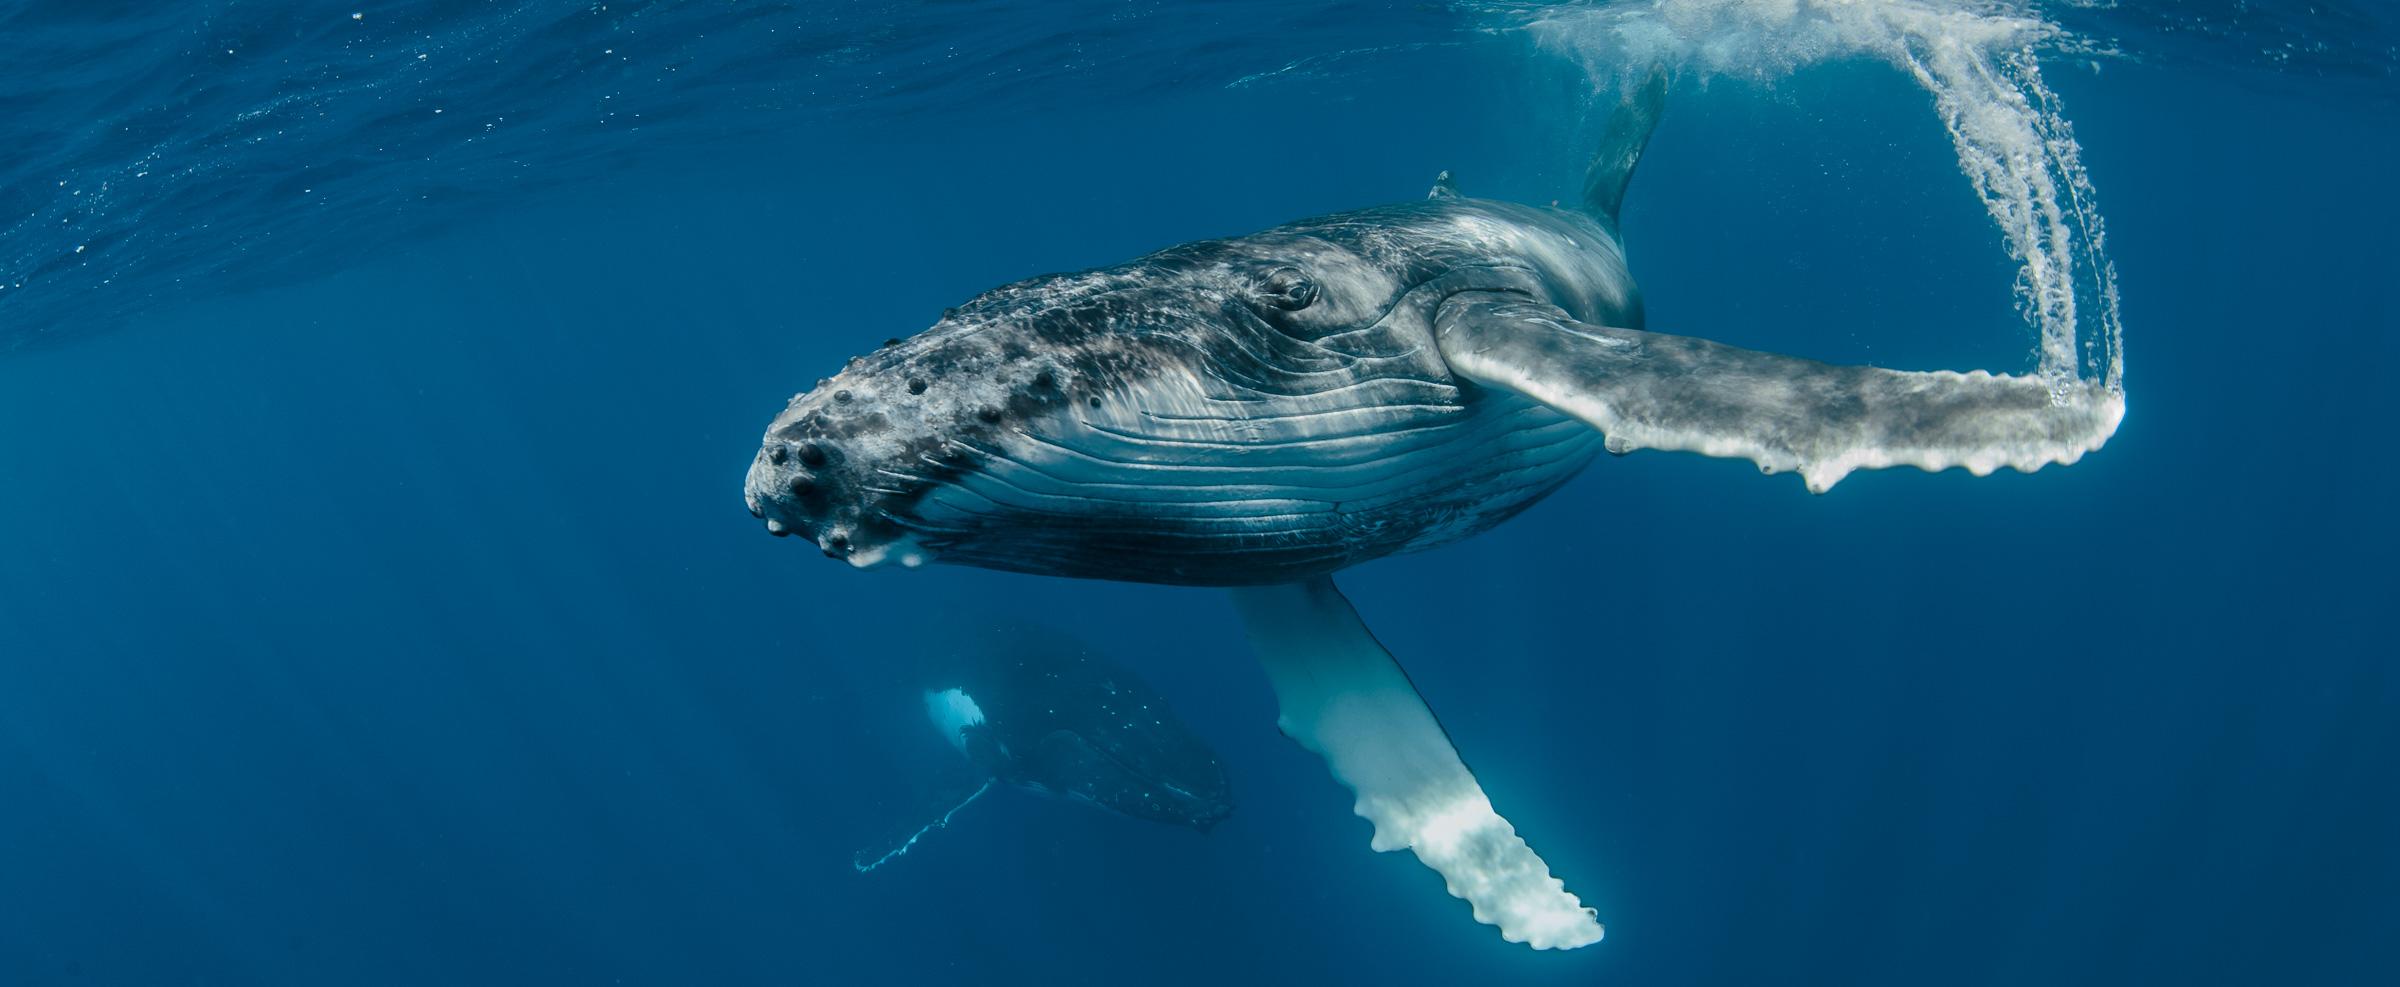 whales-underwater-20140905_0865